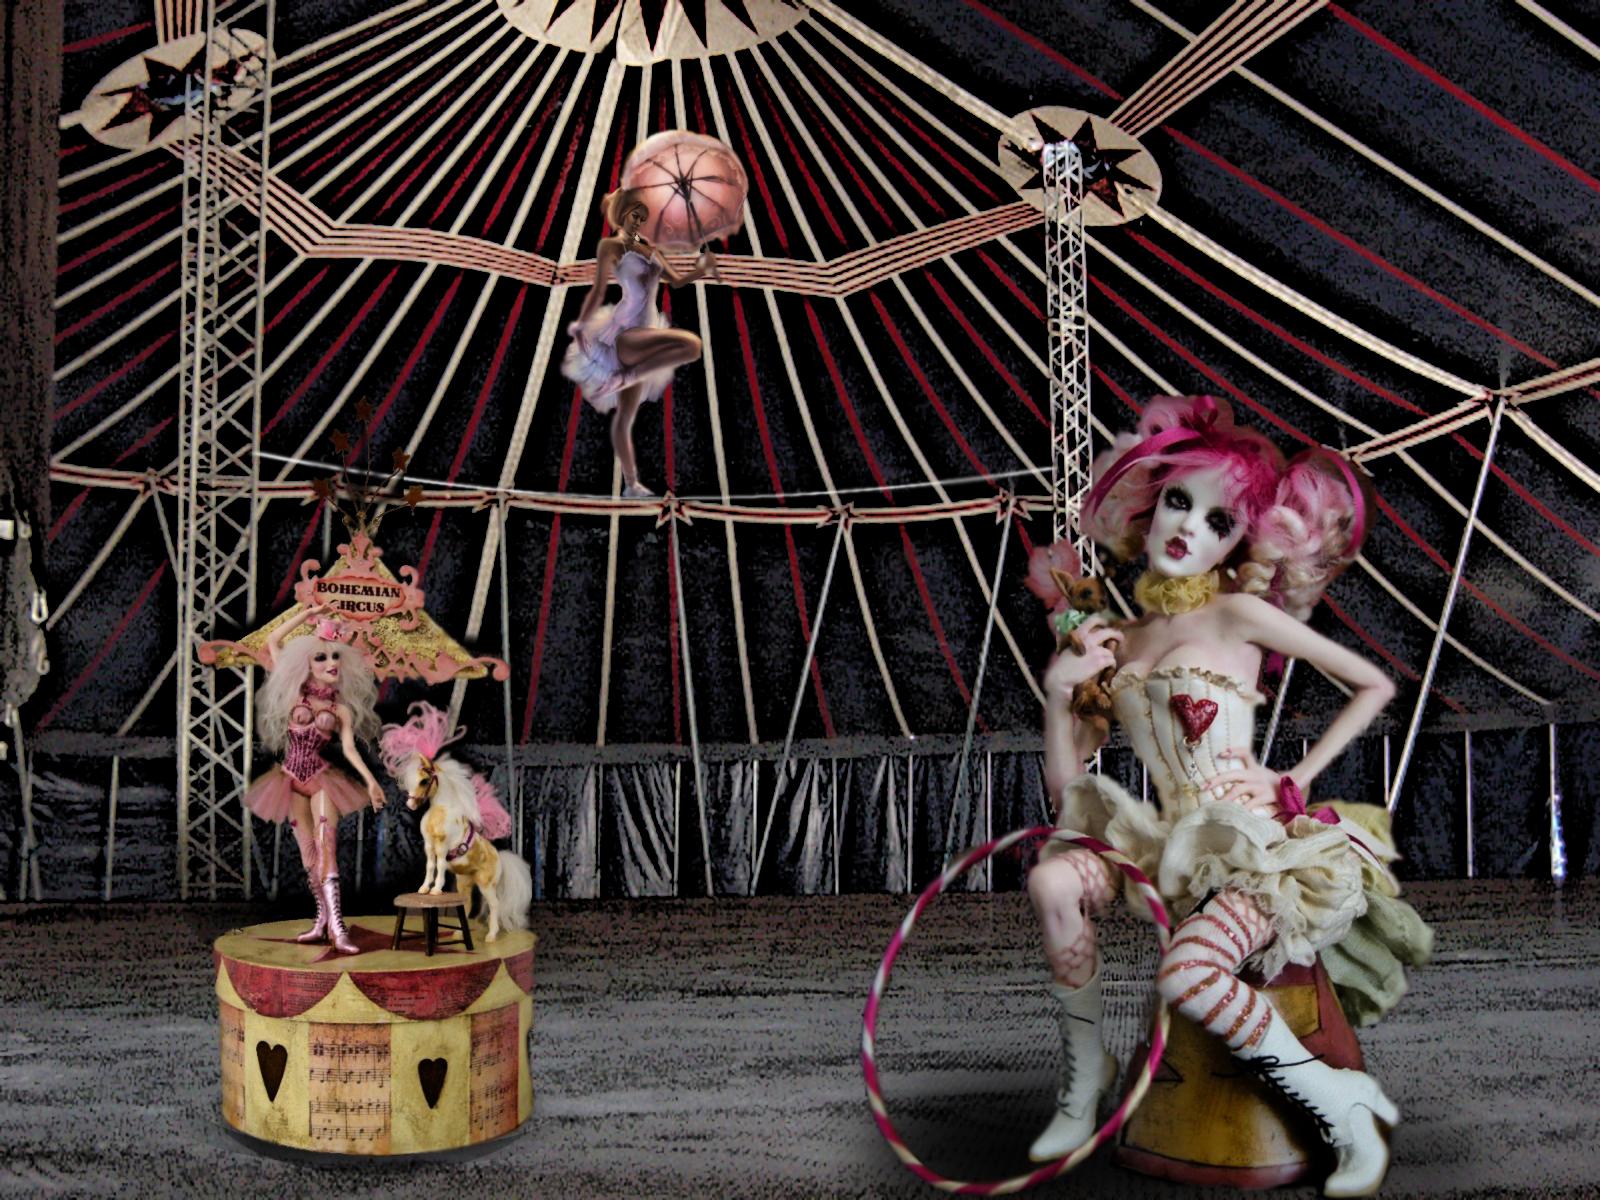 Las muñecas del circo